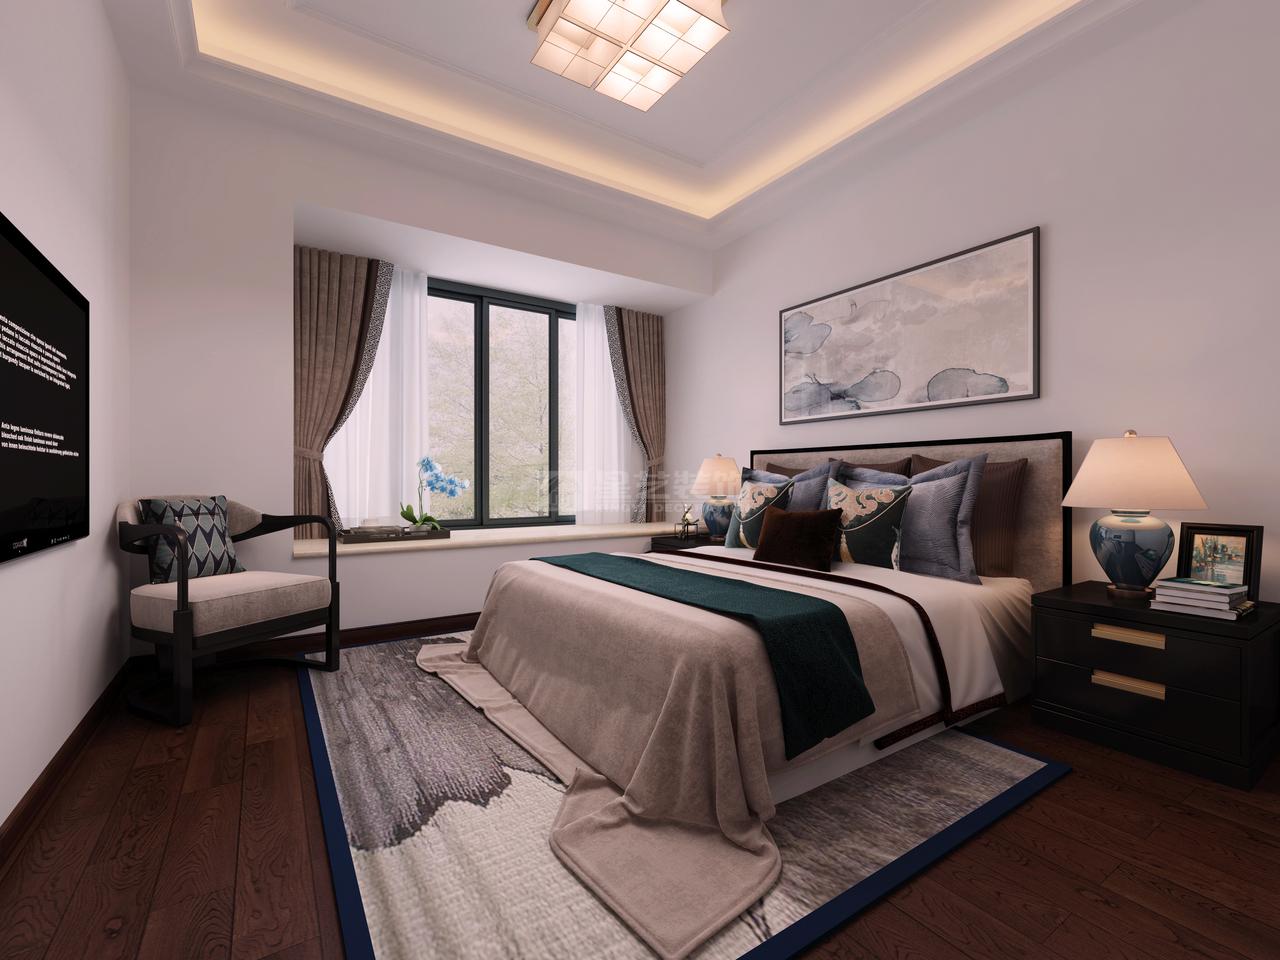 现代简约风格卧室设计-现代简约风格,简约而不简单的设计!